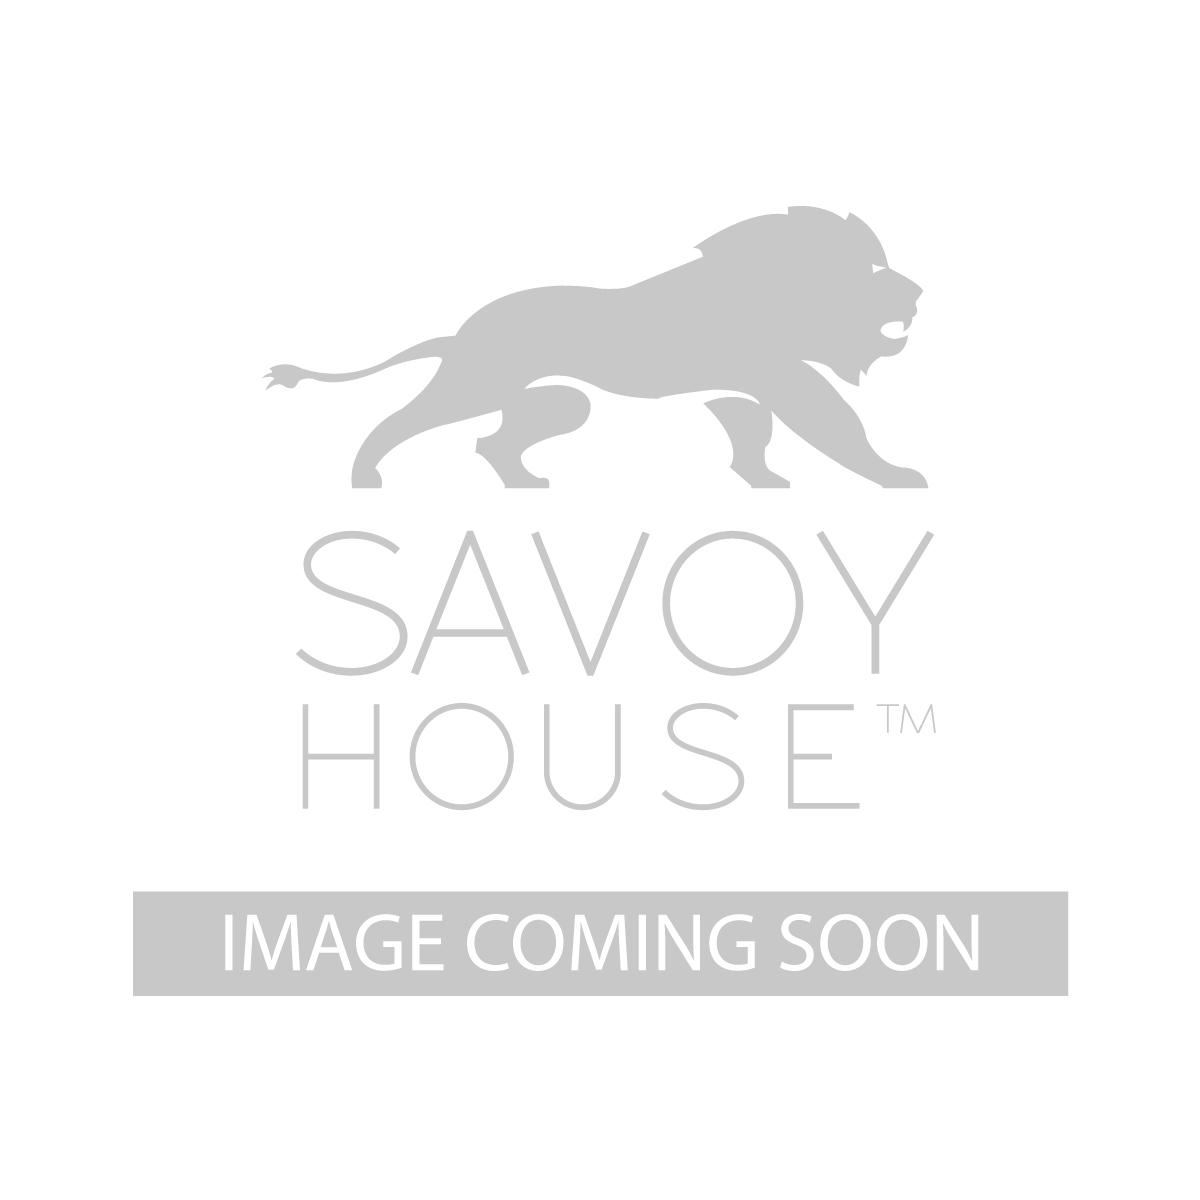 12 Wf 13 Skyy Wall Fan By Savoy House